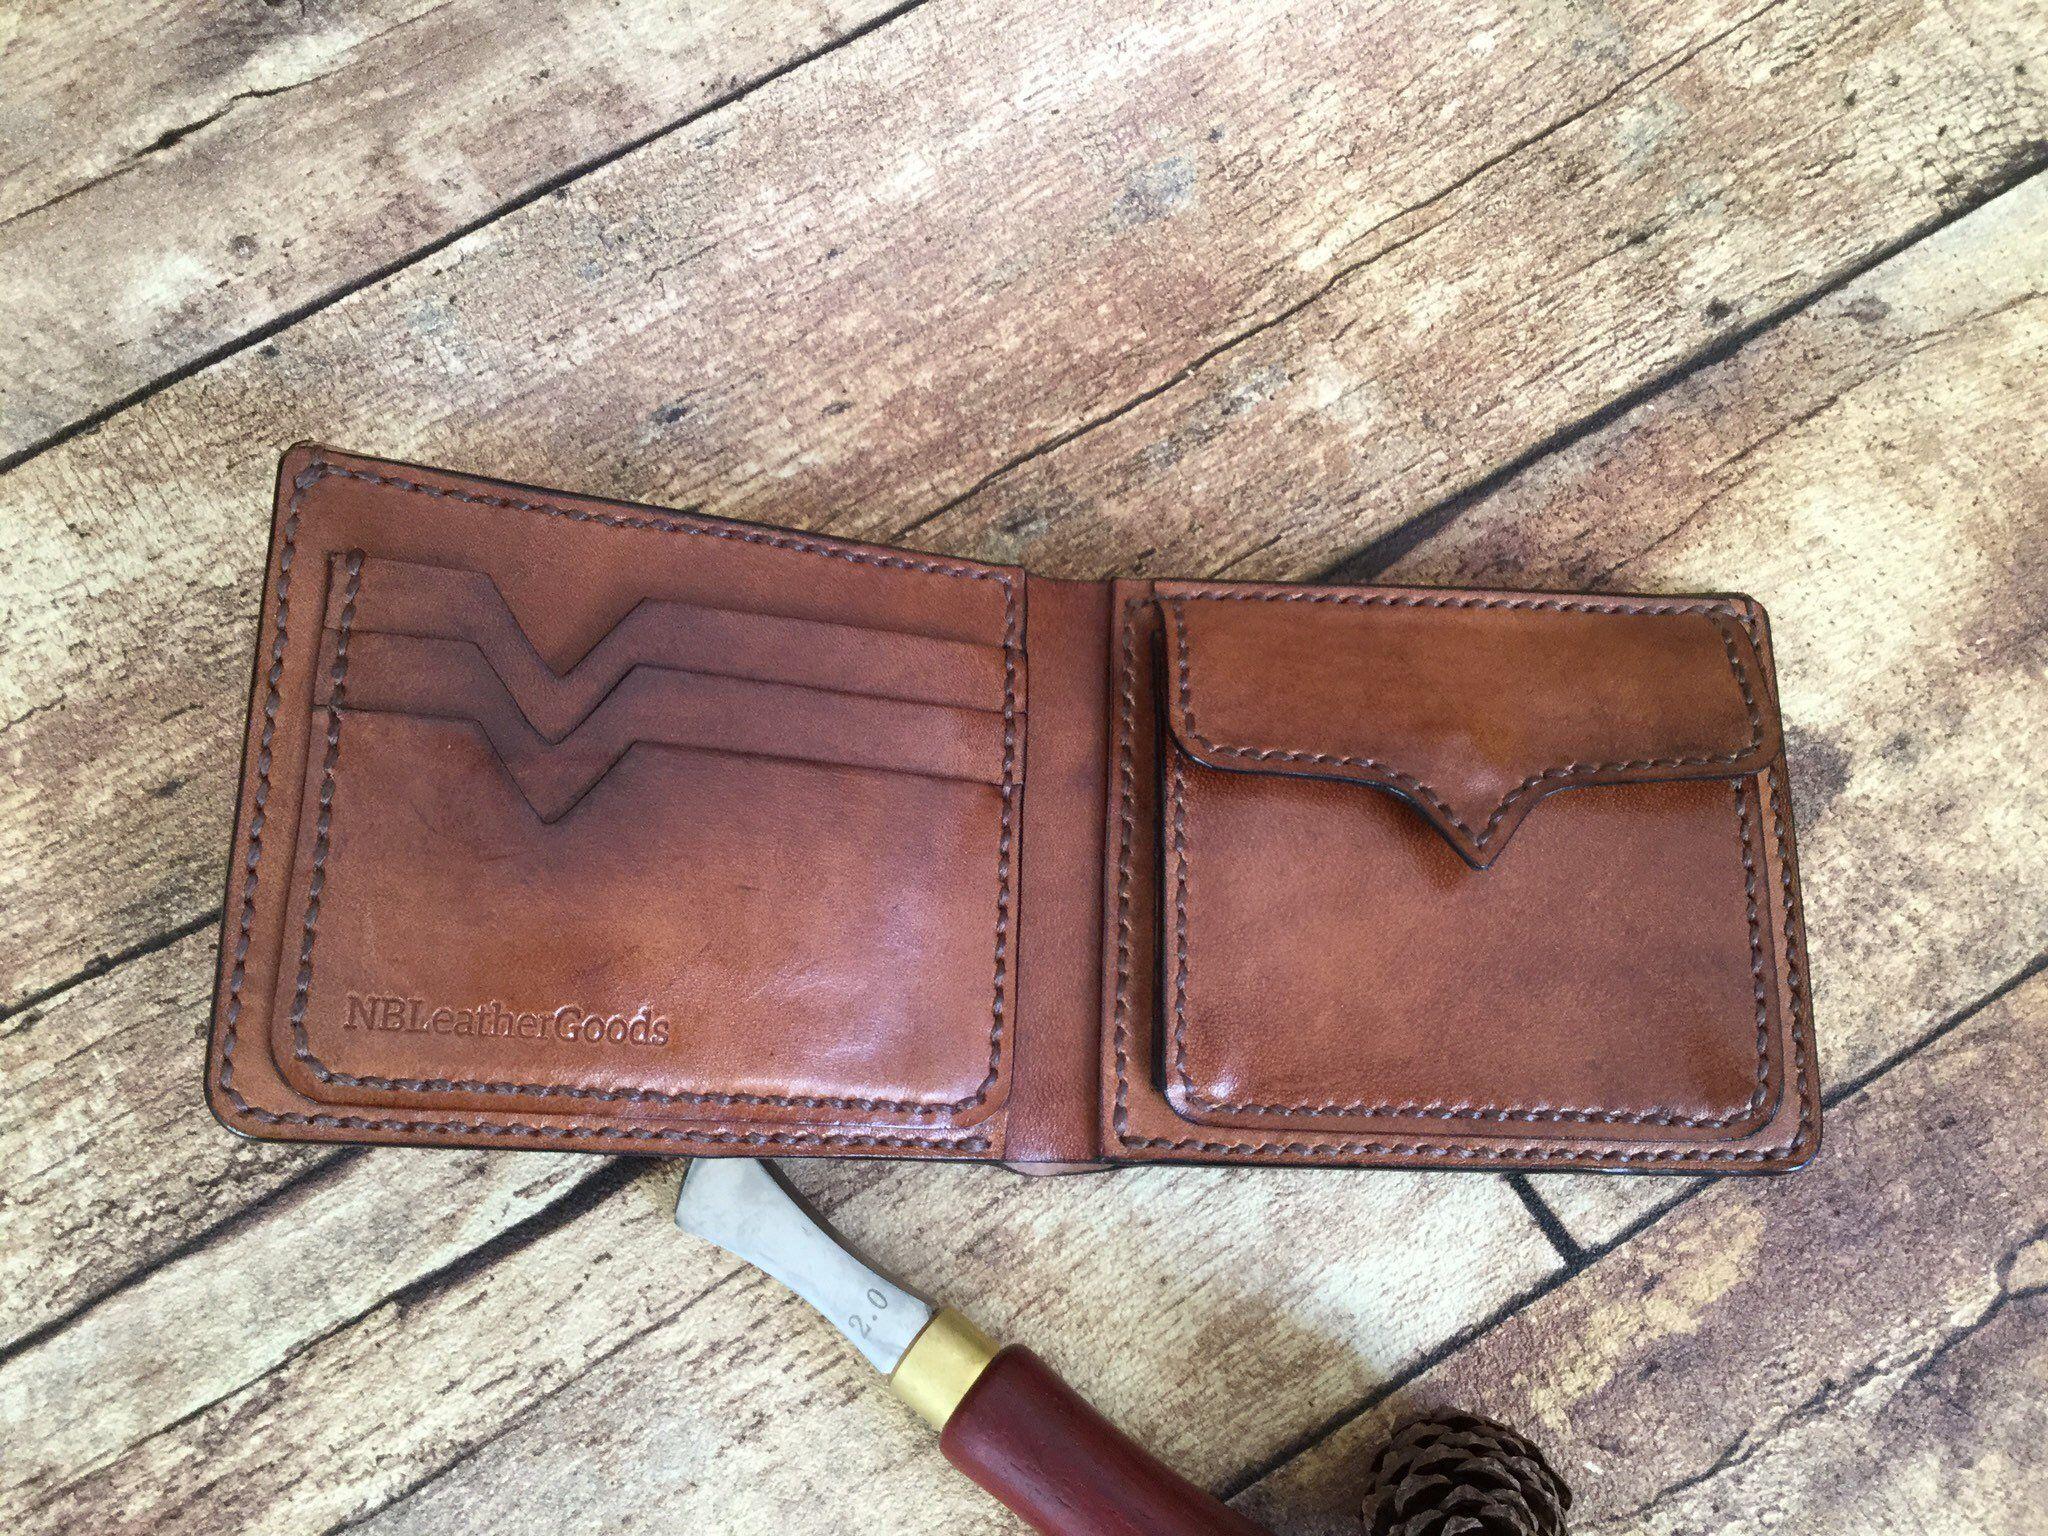 selezione migliore 4dd17 c87fc In pelle portafoglio, titolare della carta, borsa; fatto a ...